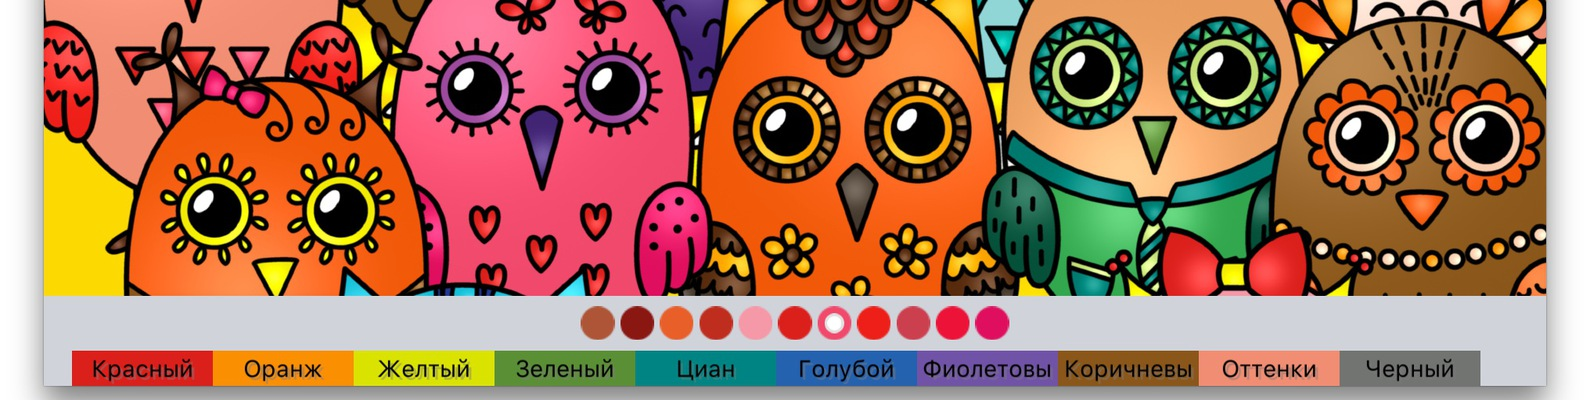 Раскраски для детей и взрослых. | ВКонтакте